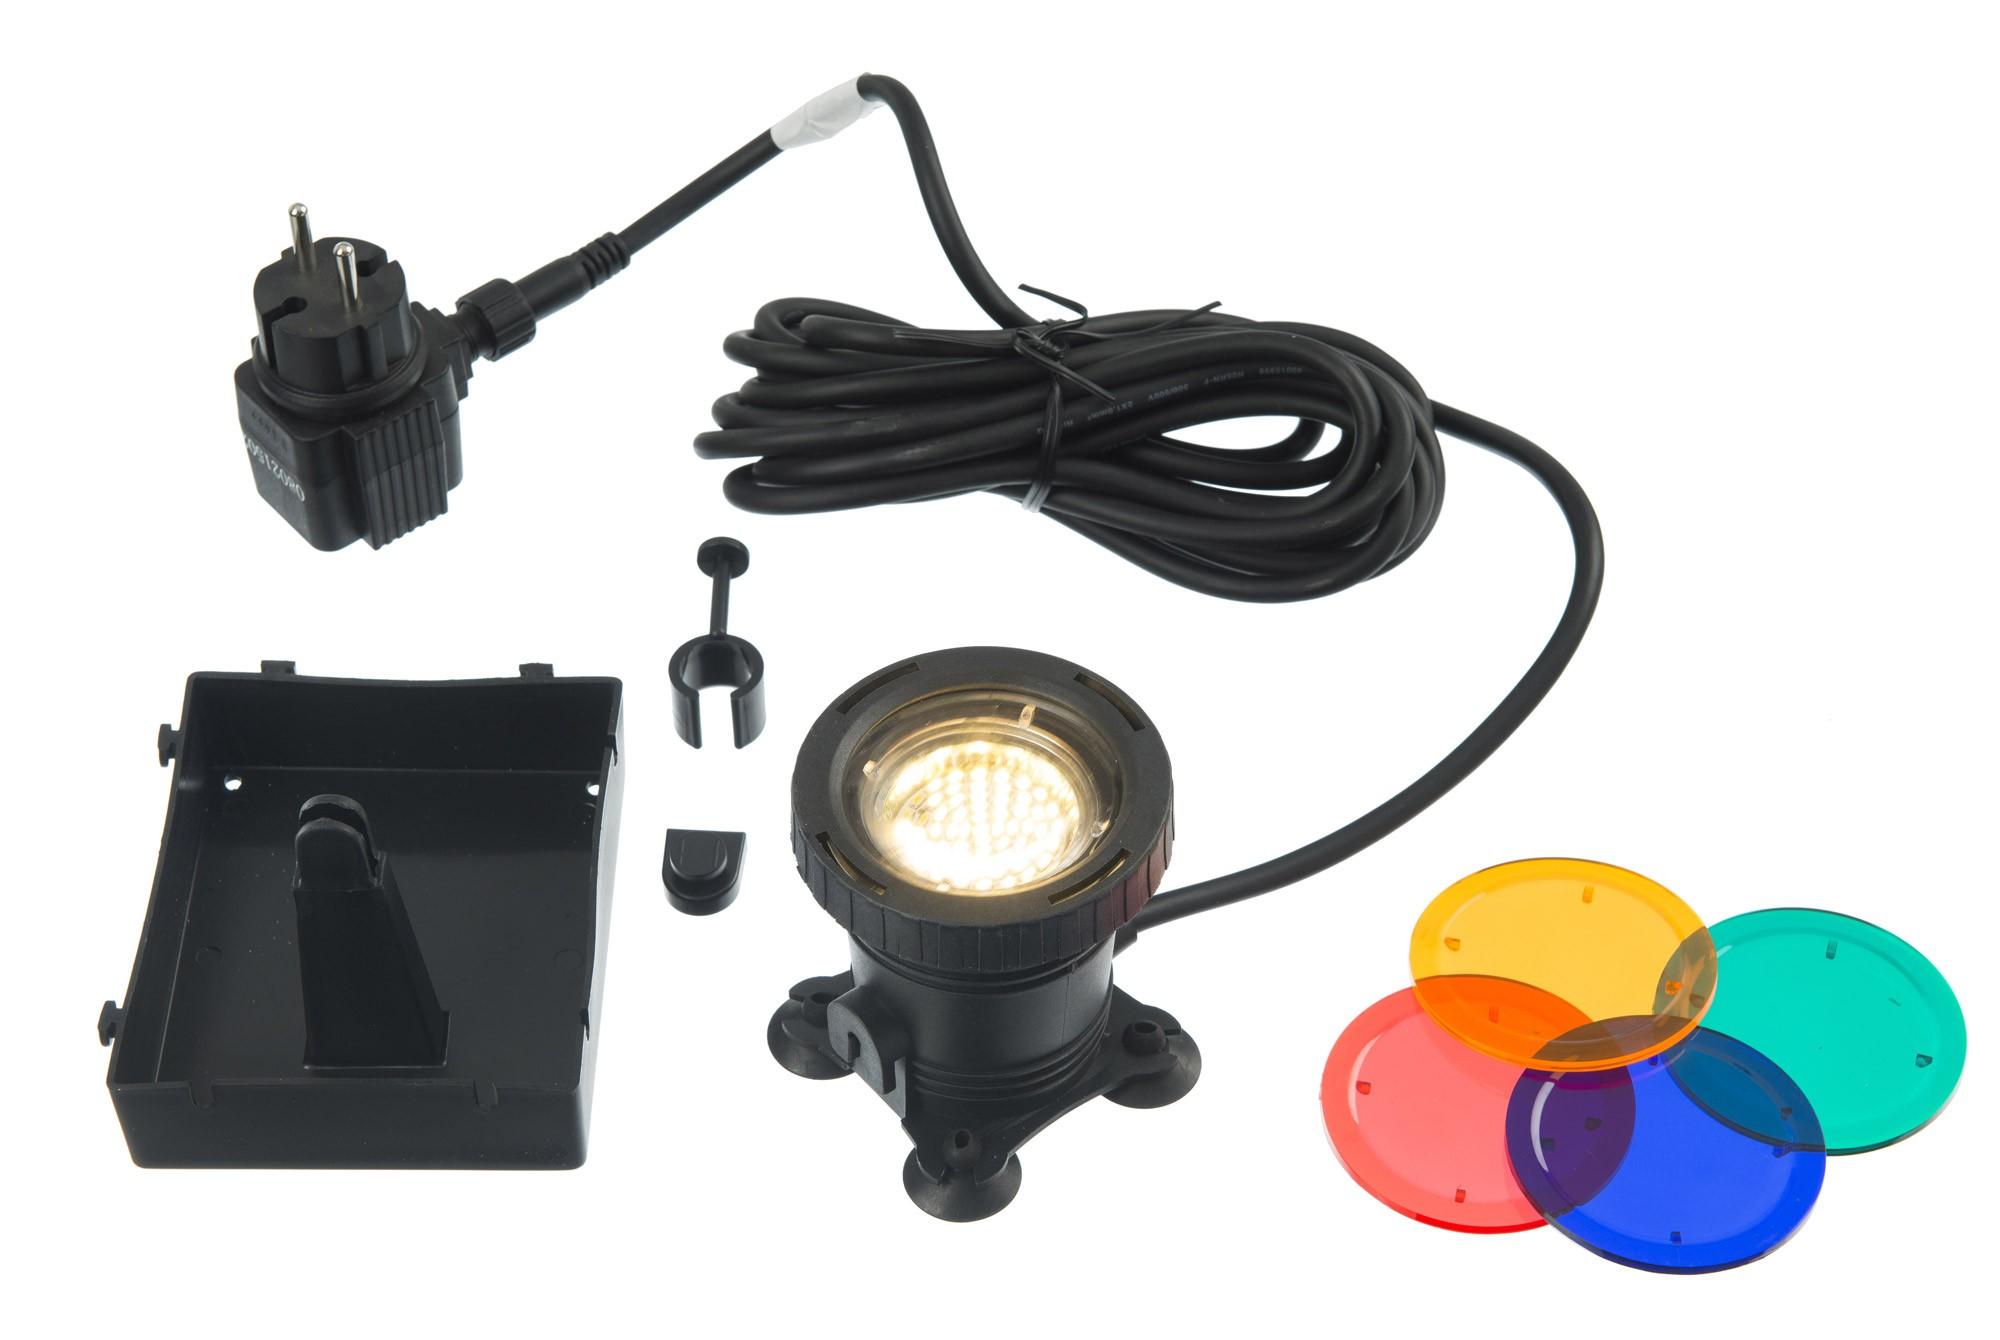 Unterwasserbeleuchtung / Teichbeleuchtung Ubbink Aqualight 30 LED Bild 1